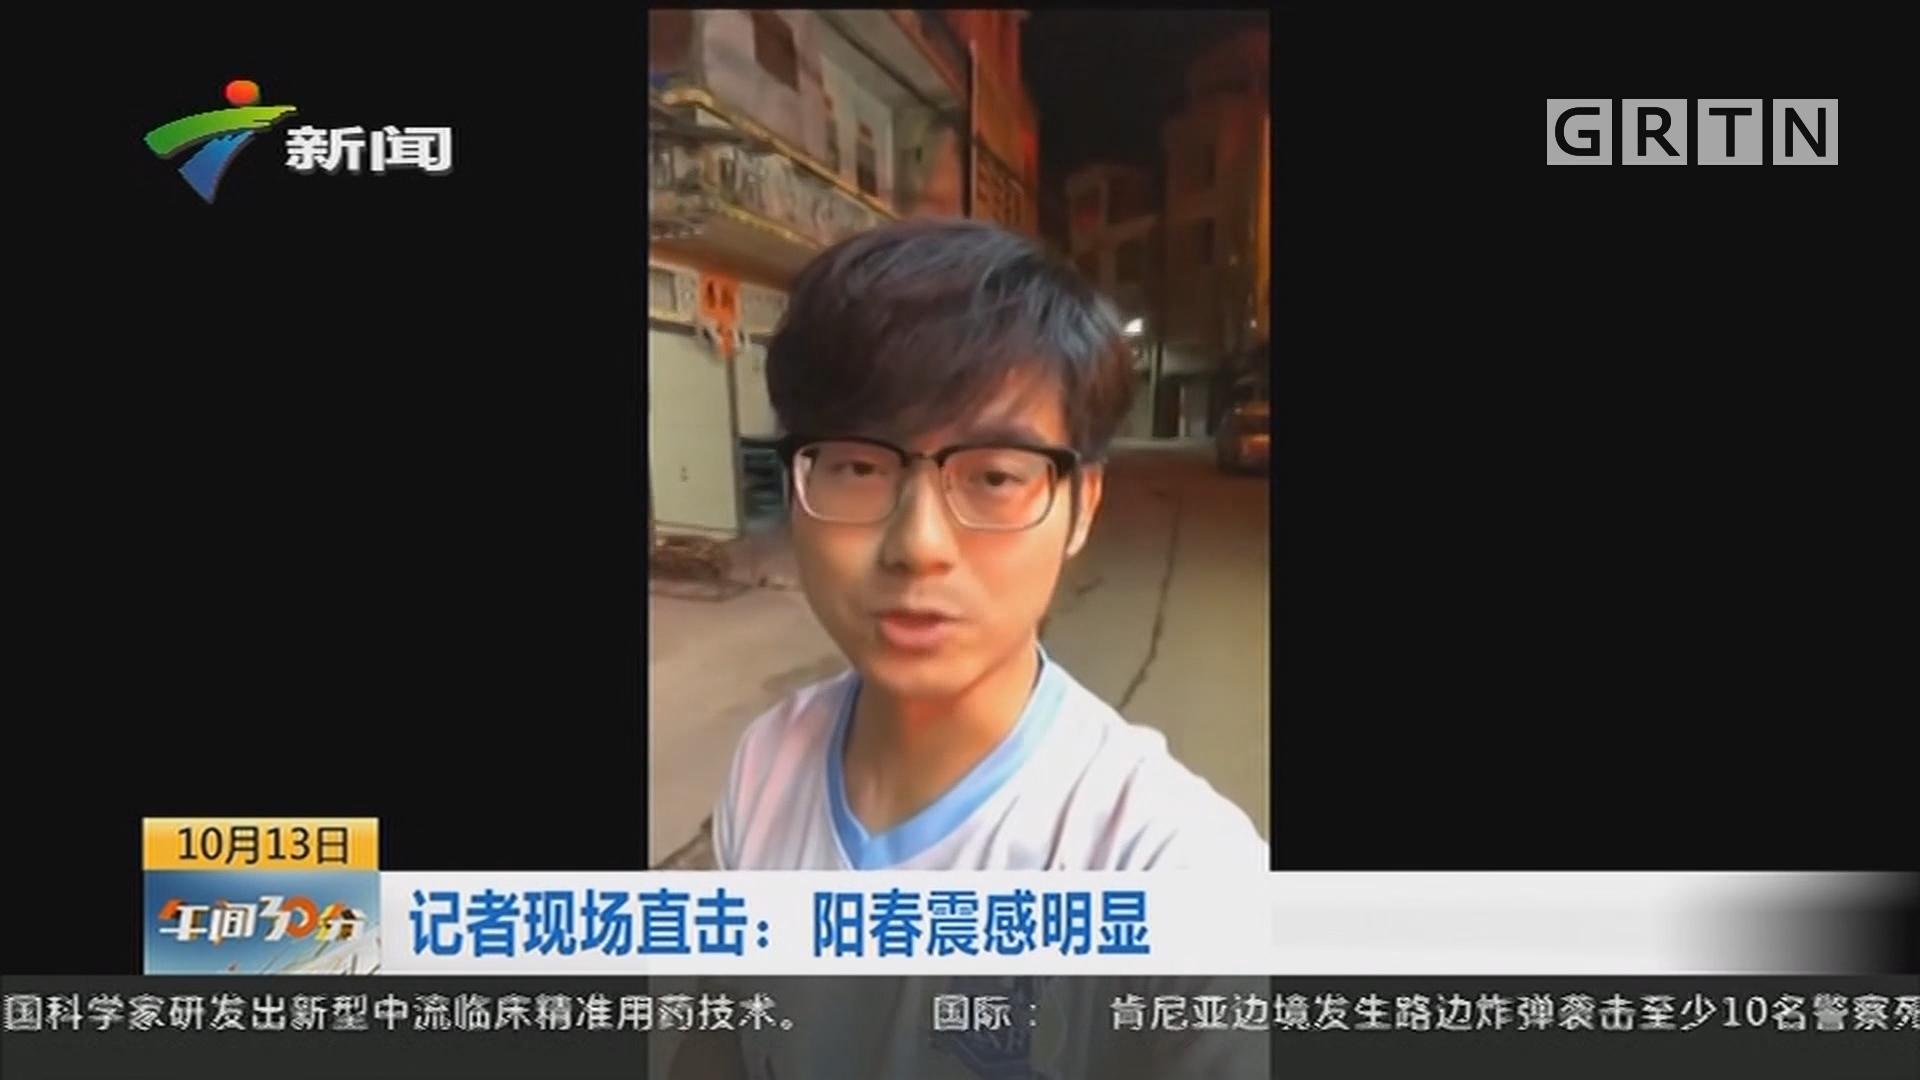 記者現場直擊:陽春震感明顯